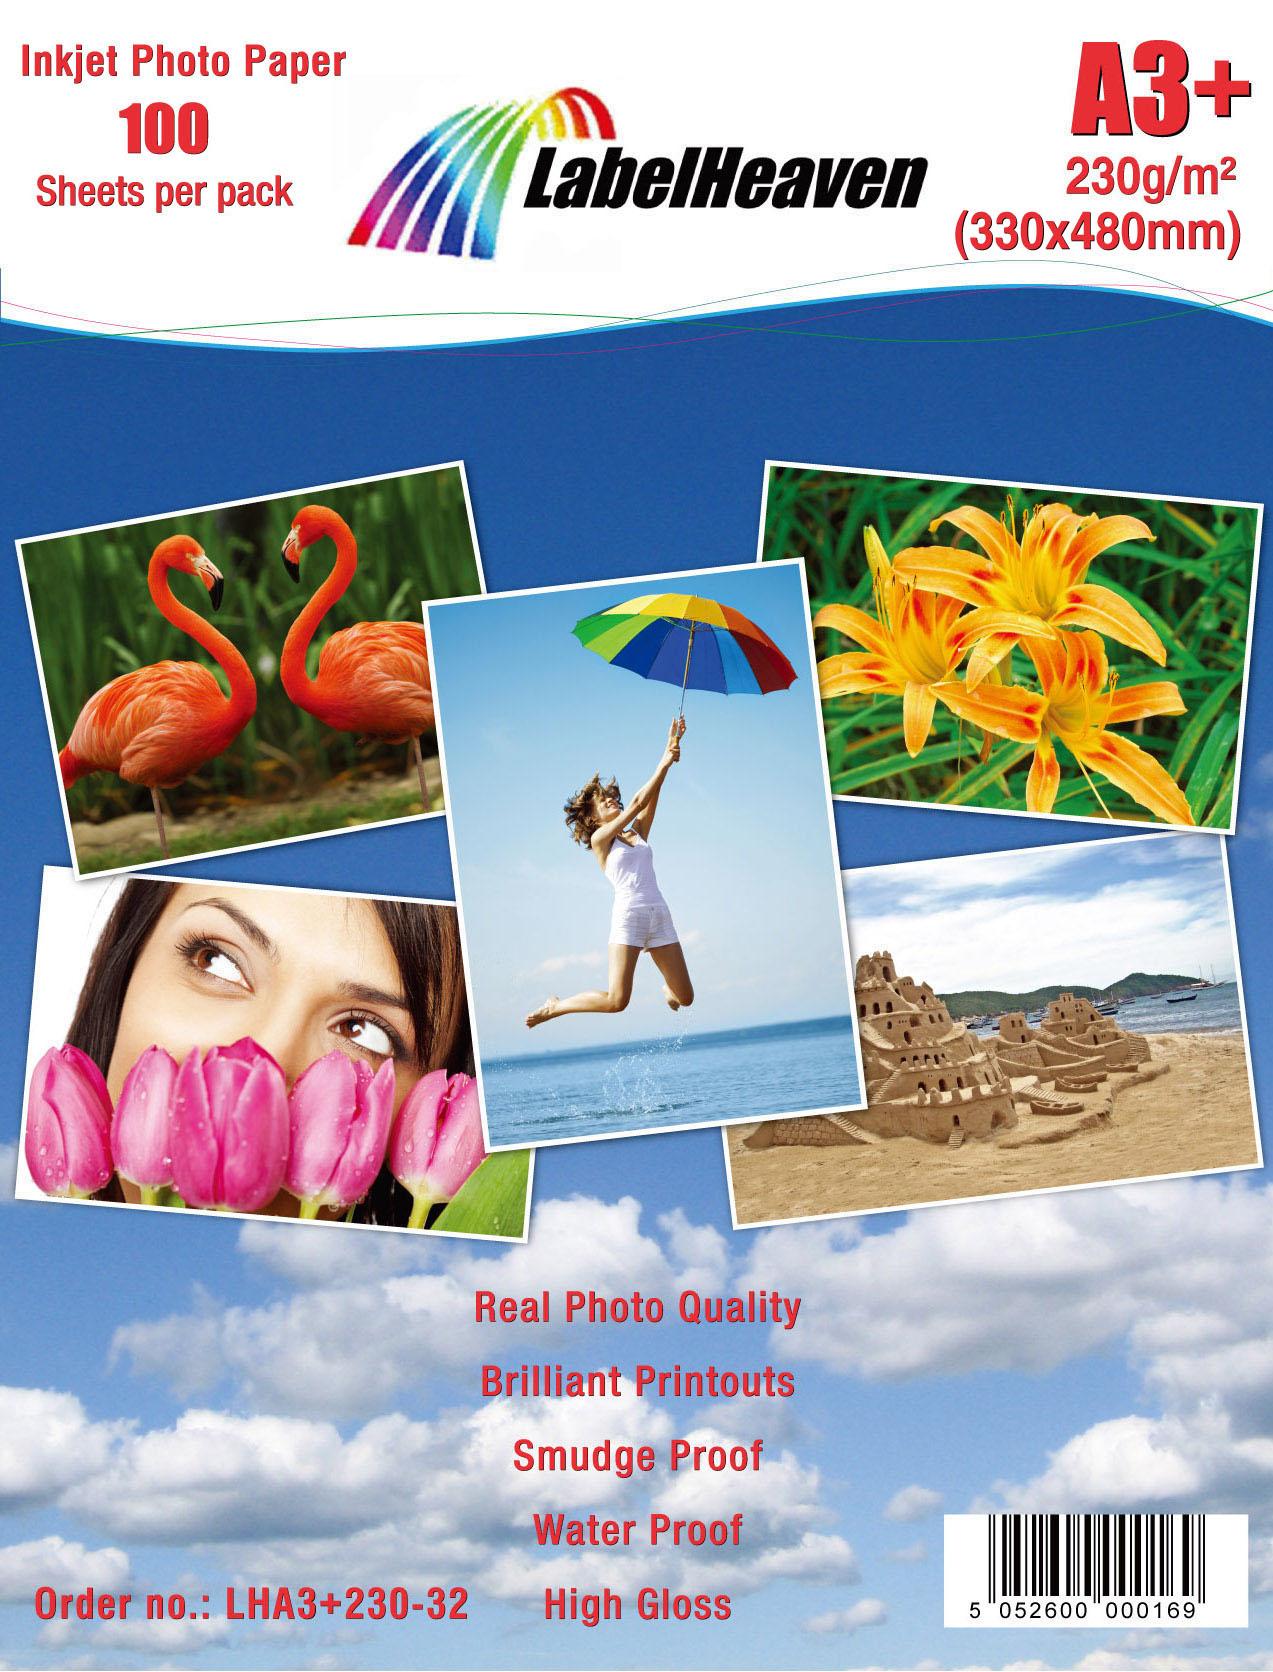 100 Blatt DIN A3+ 230g/m² Fotopapier HGlossy+wasserfest von LabelHeaven